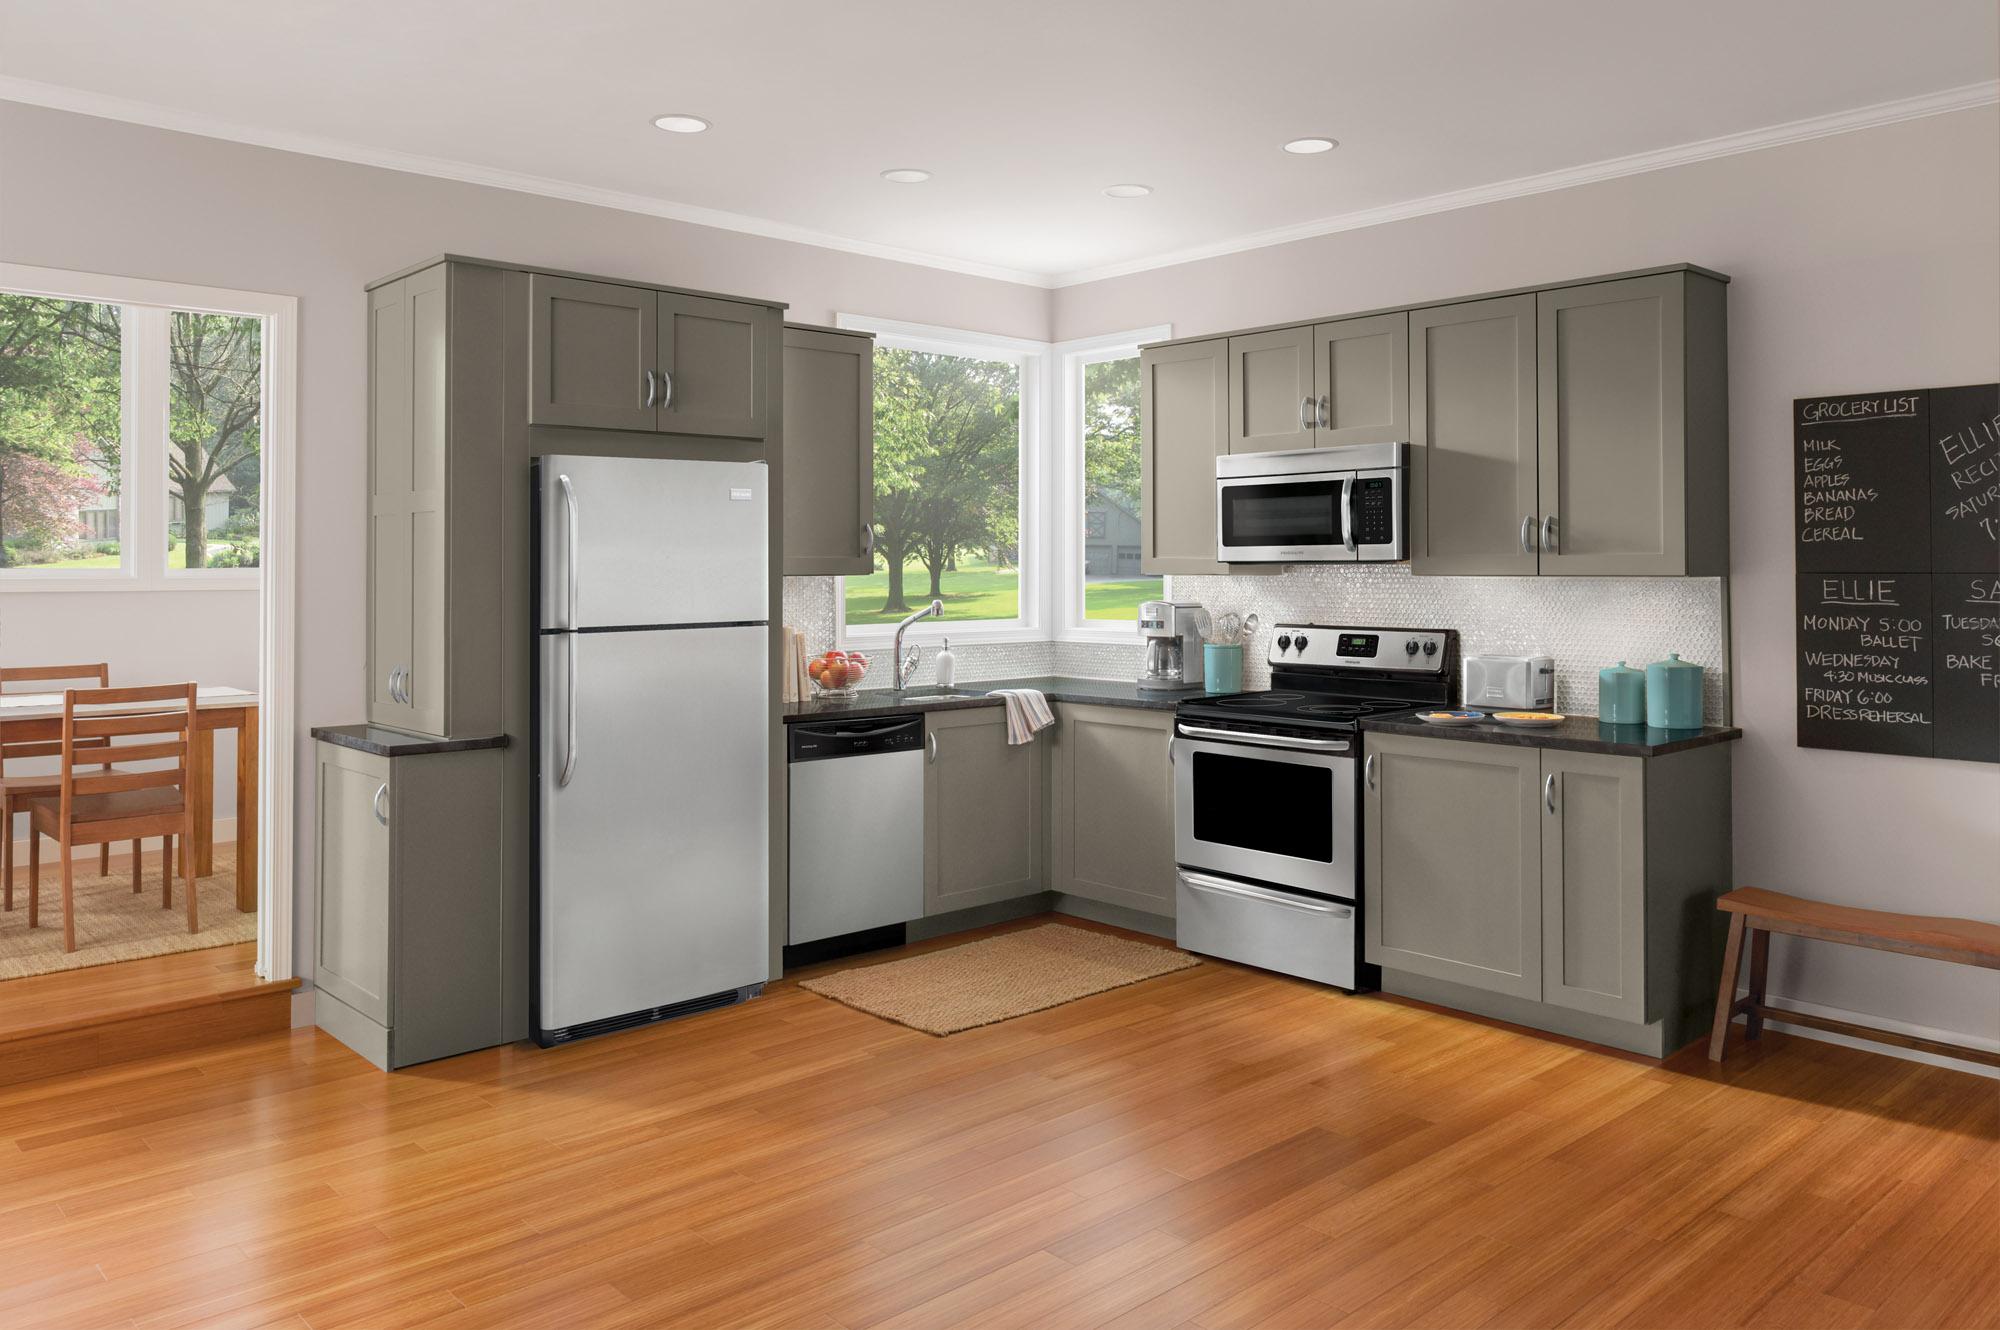 Kitchen appliances kitchen appliance package deals